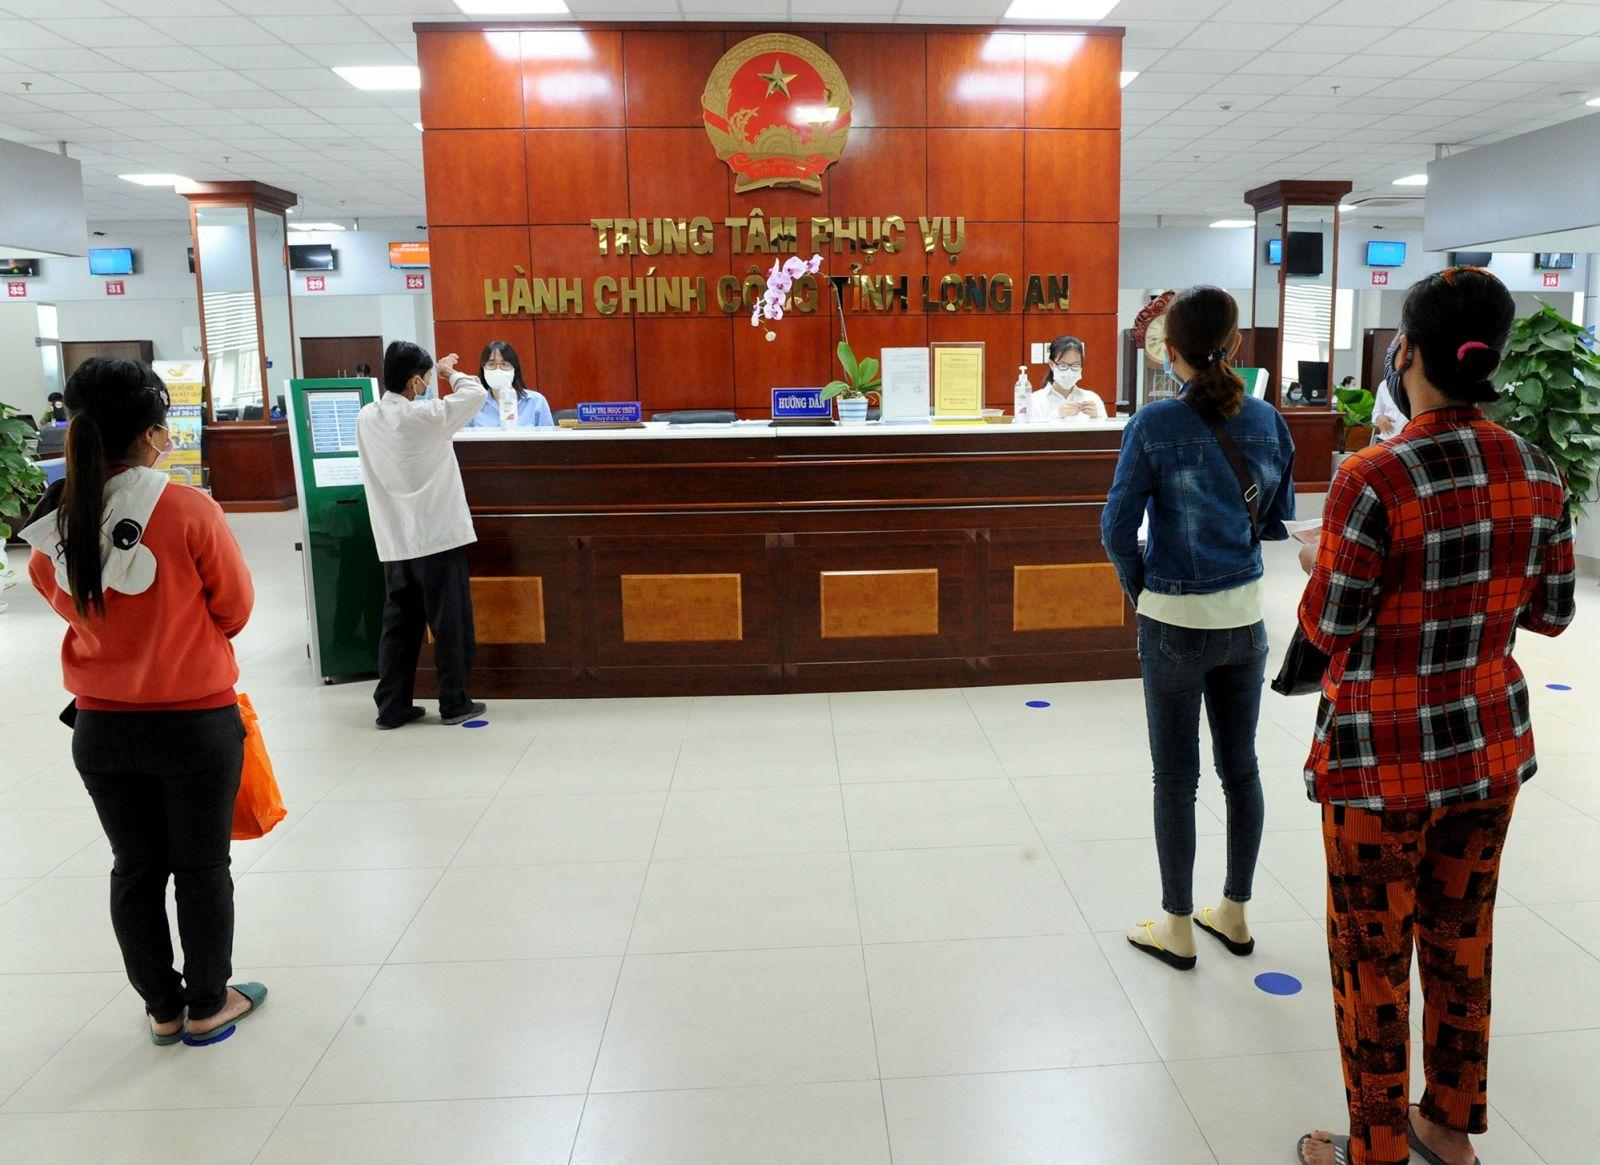 Người dân giữ khoảng cách, đeo khẩu trang tại Trung tâm Phục vụ hành chính công tỉnh